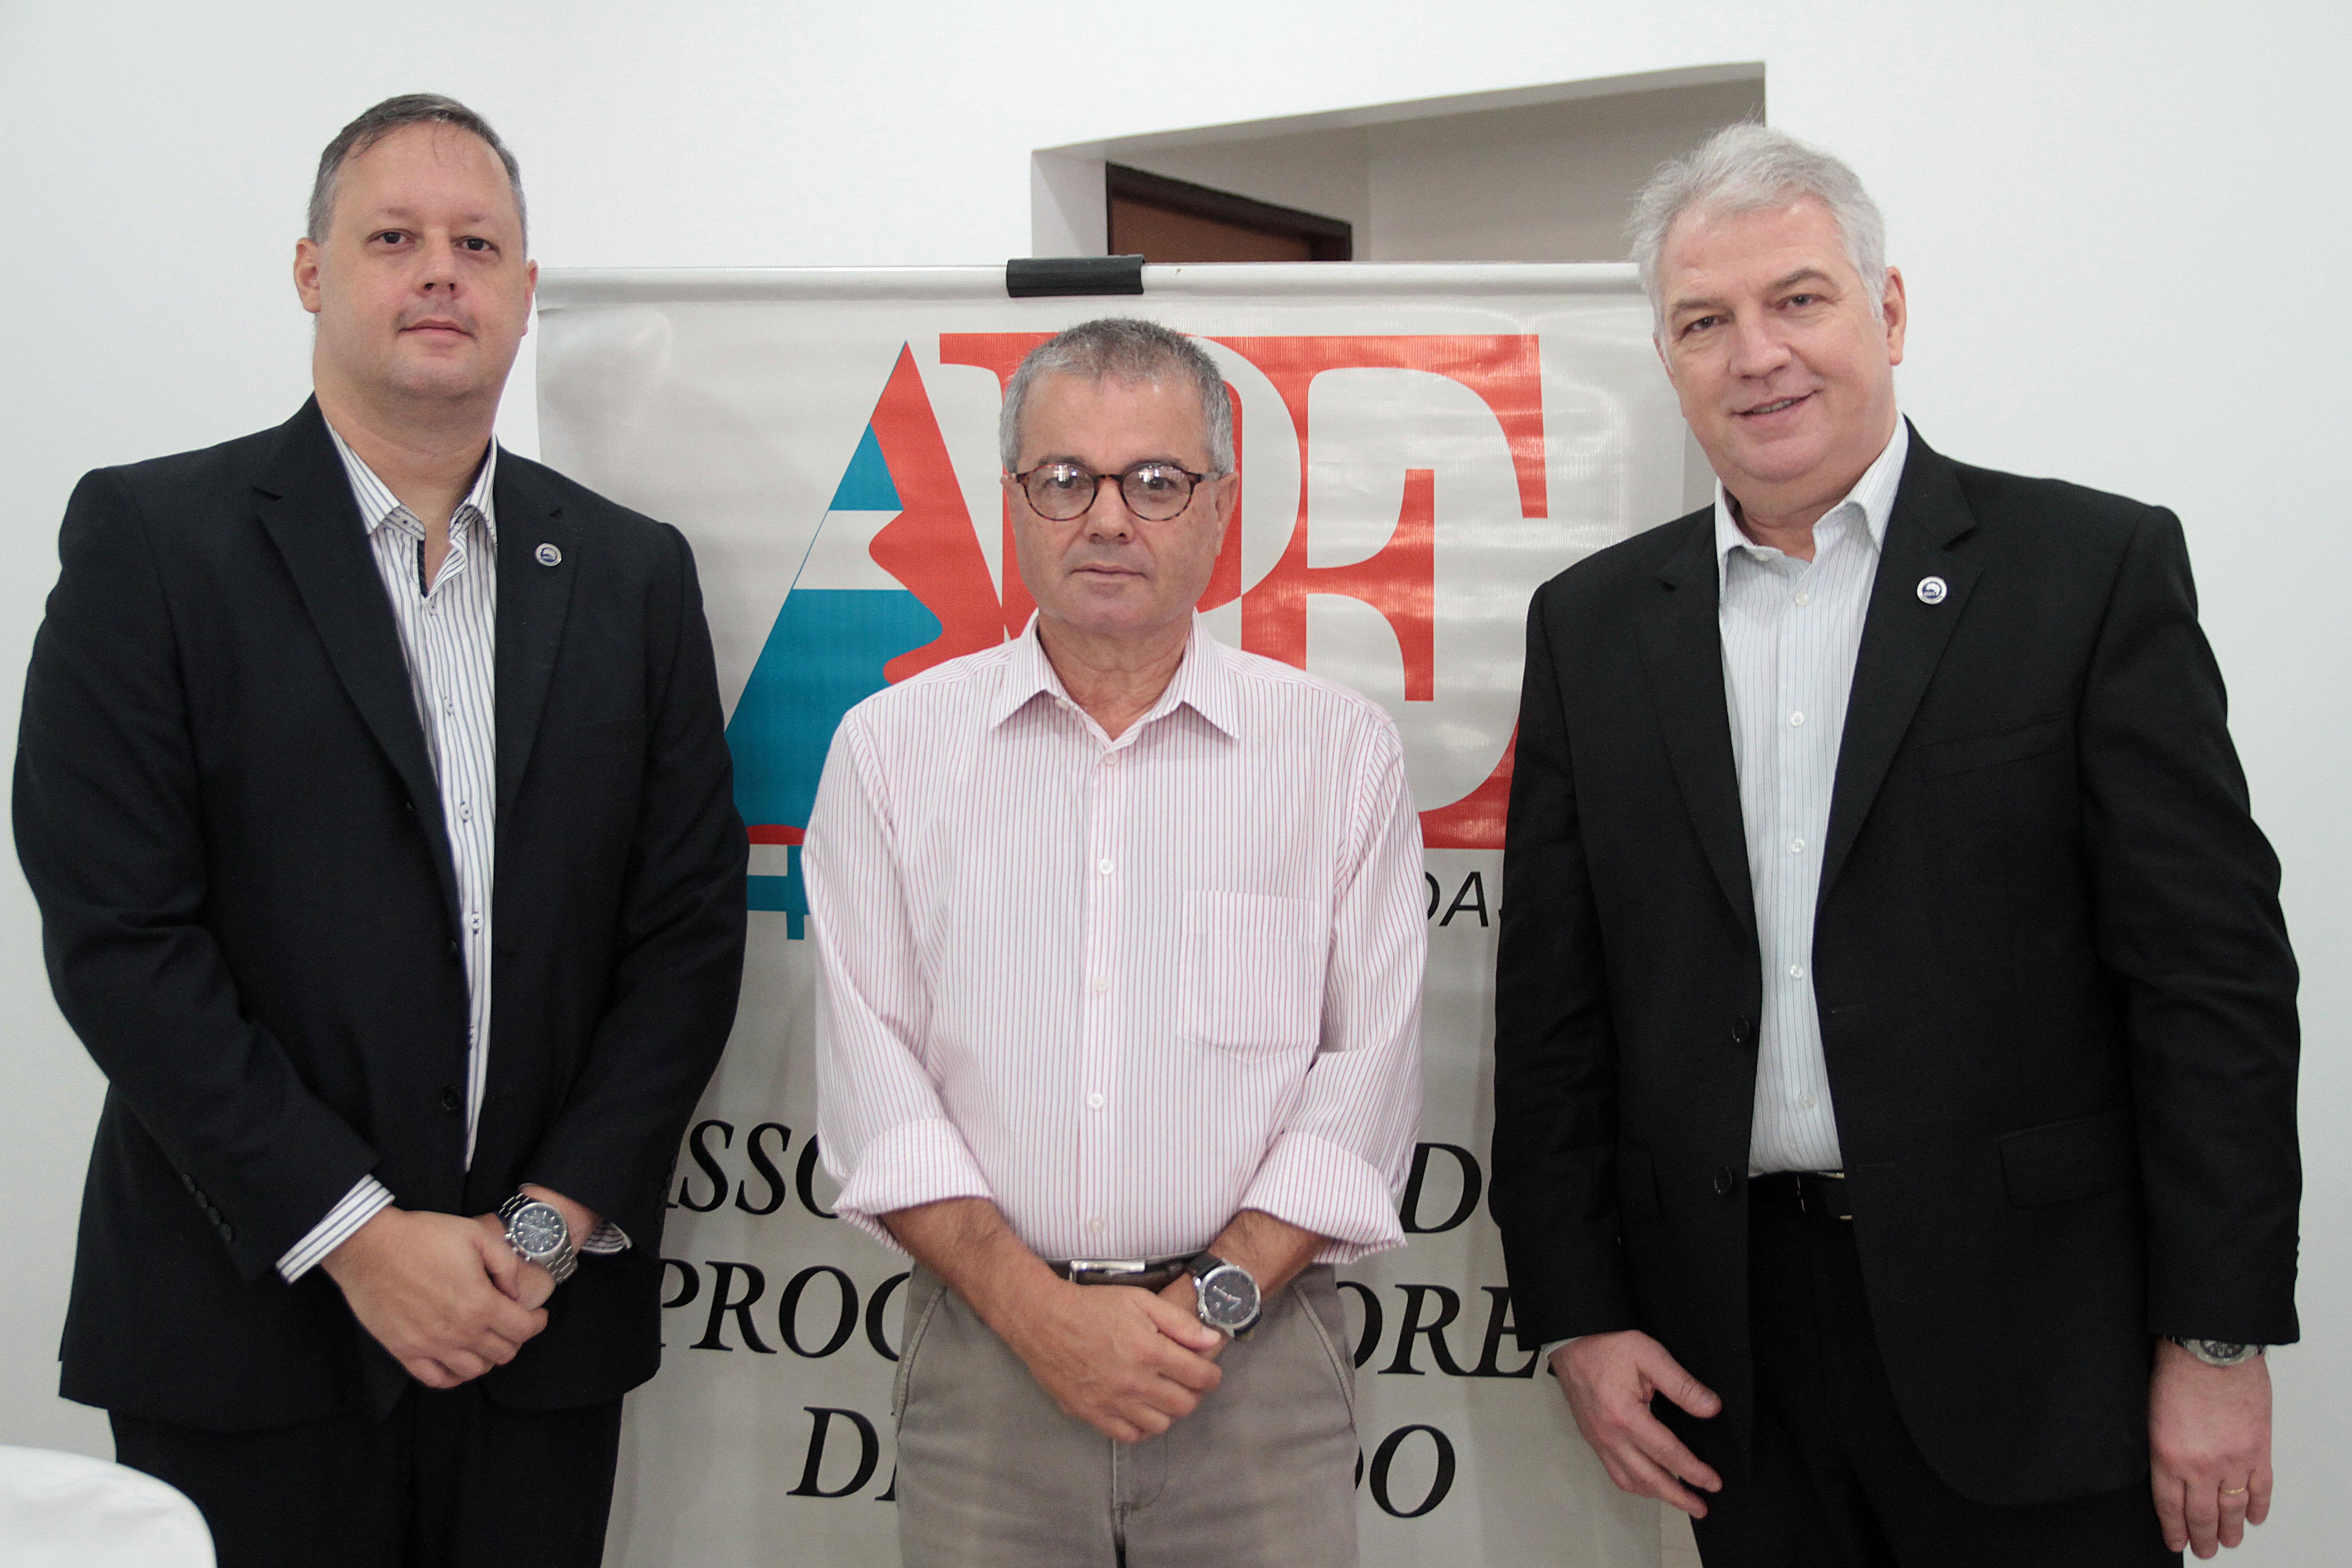 APE celebra Dia do Procurador do Estado de Alagoas